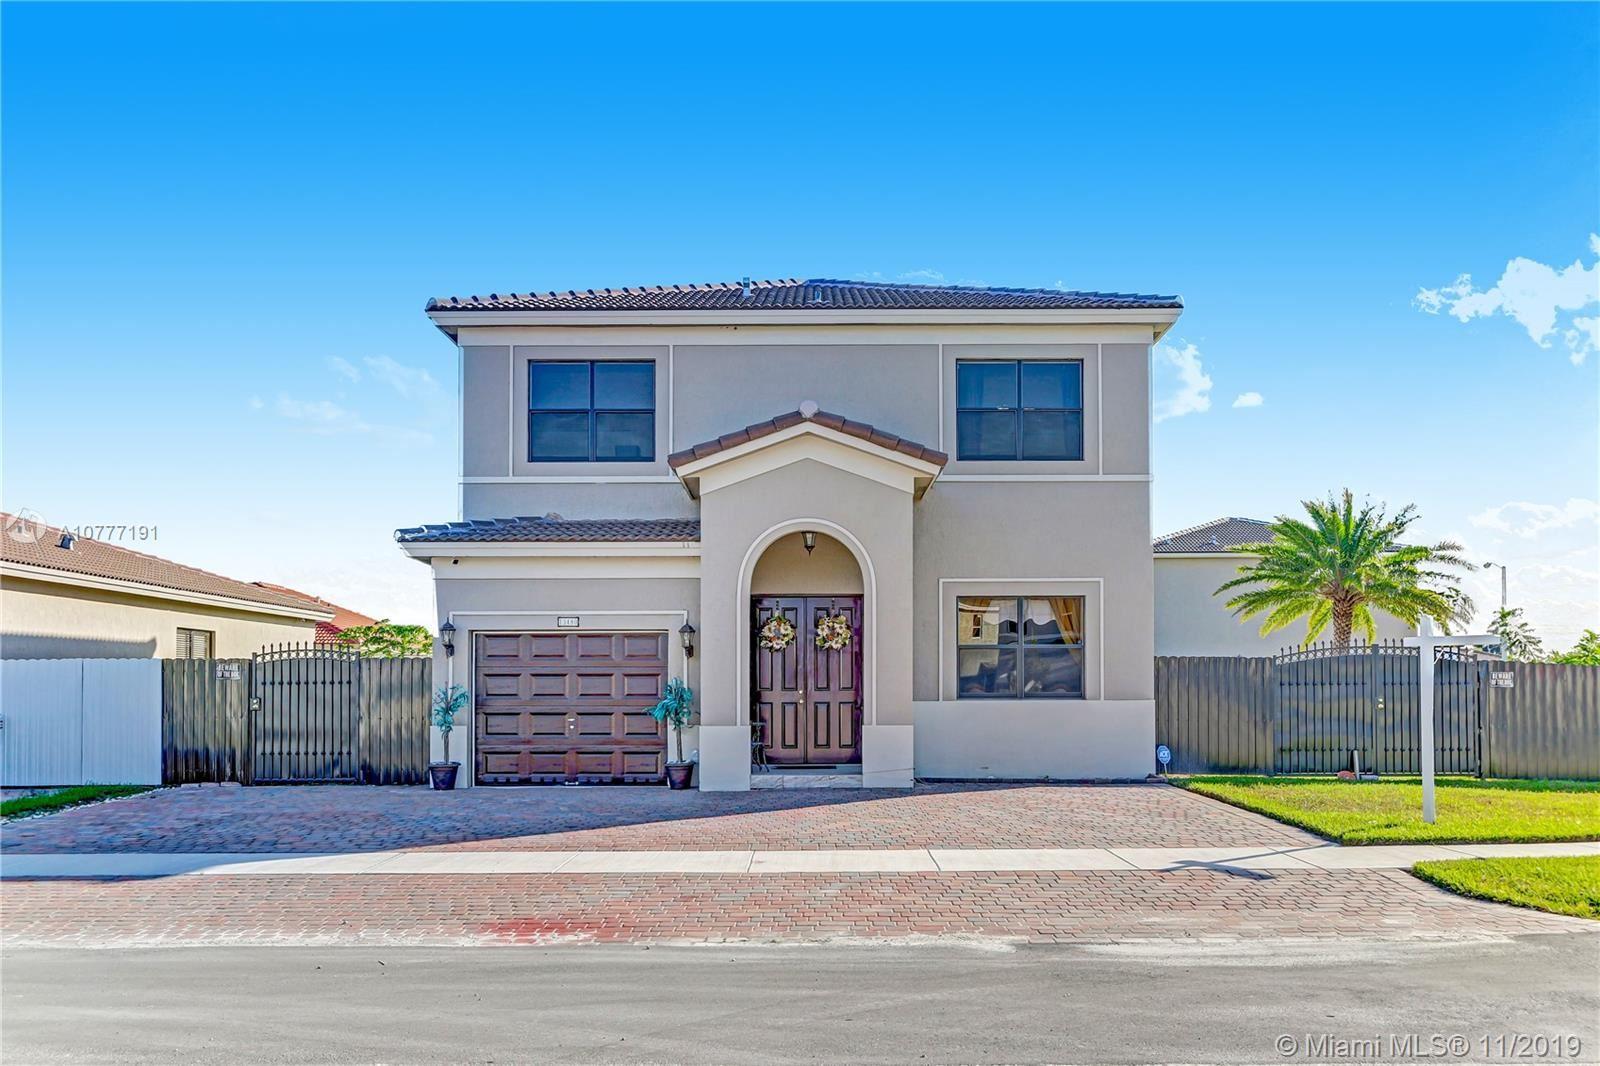 13480 SW 276th St, Homestead, FL 33032 - MLS#: A10777191